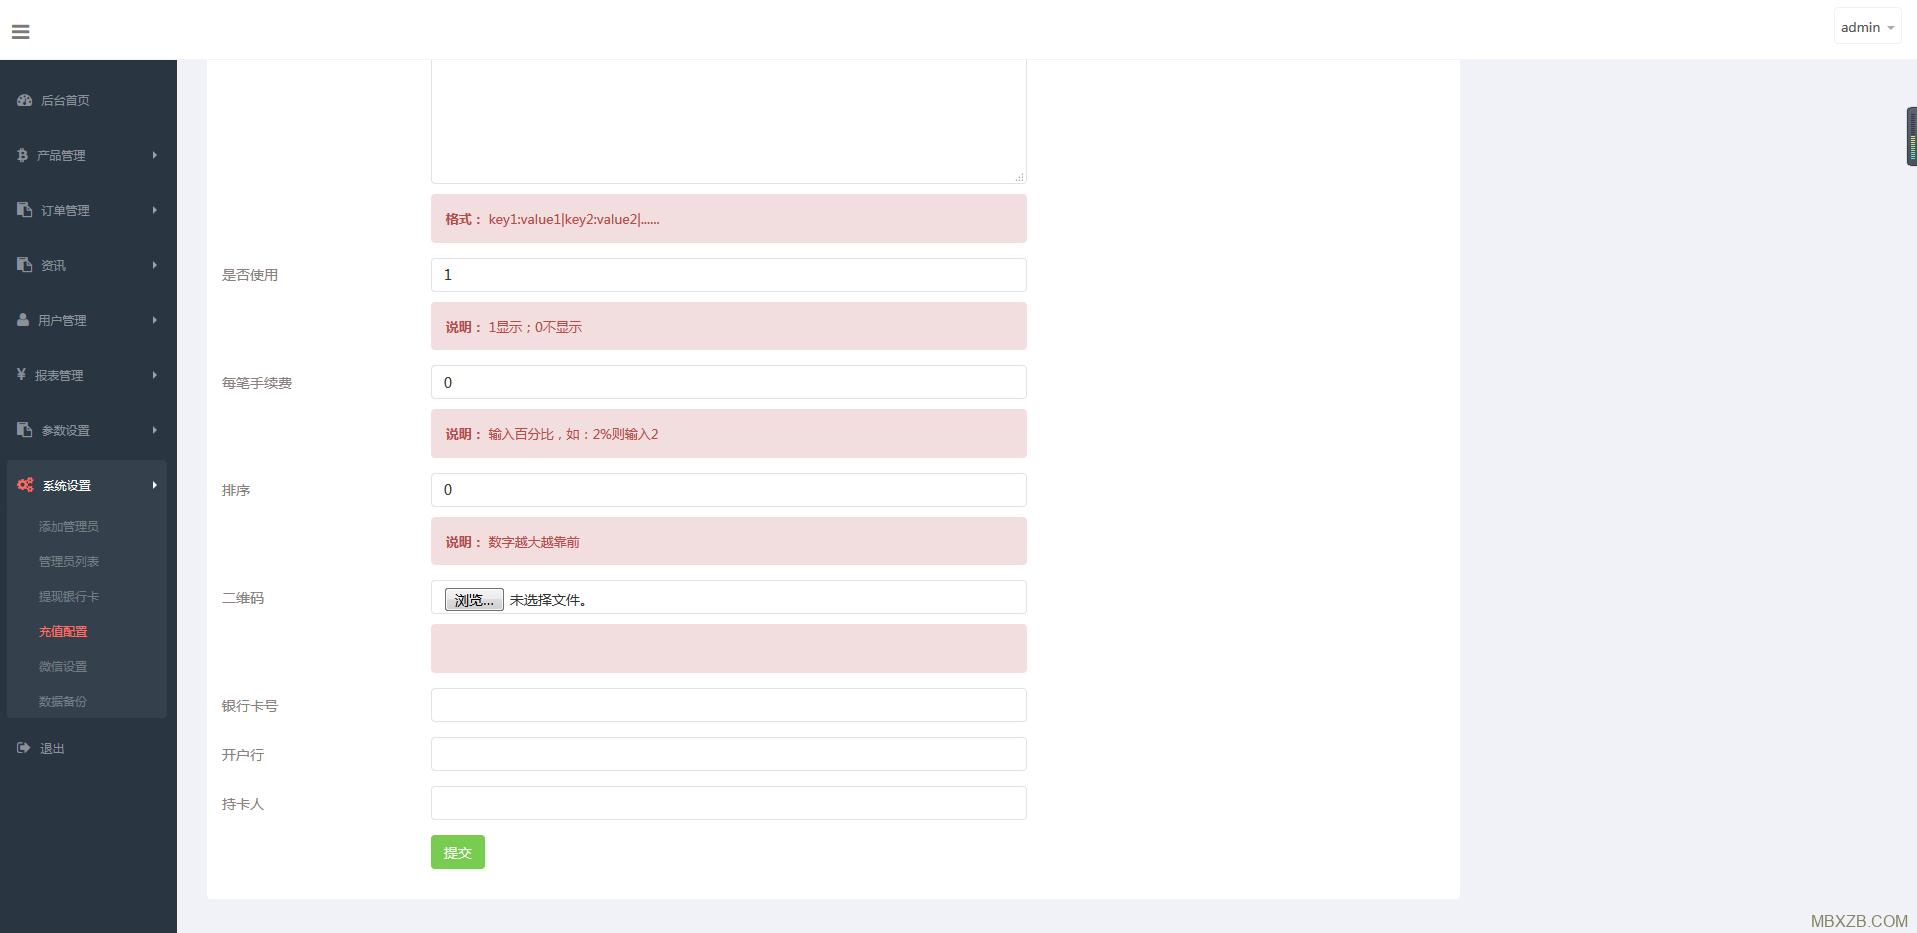 修复最新版微盘系统源码 走势/K线正常+全开源+安装说明